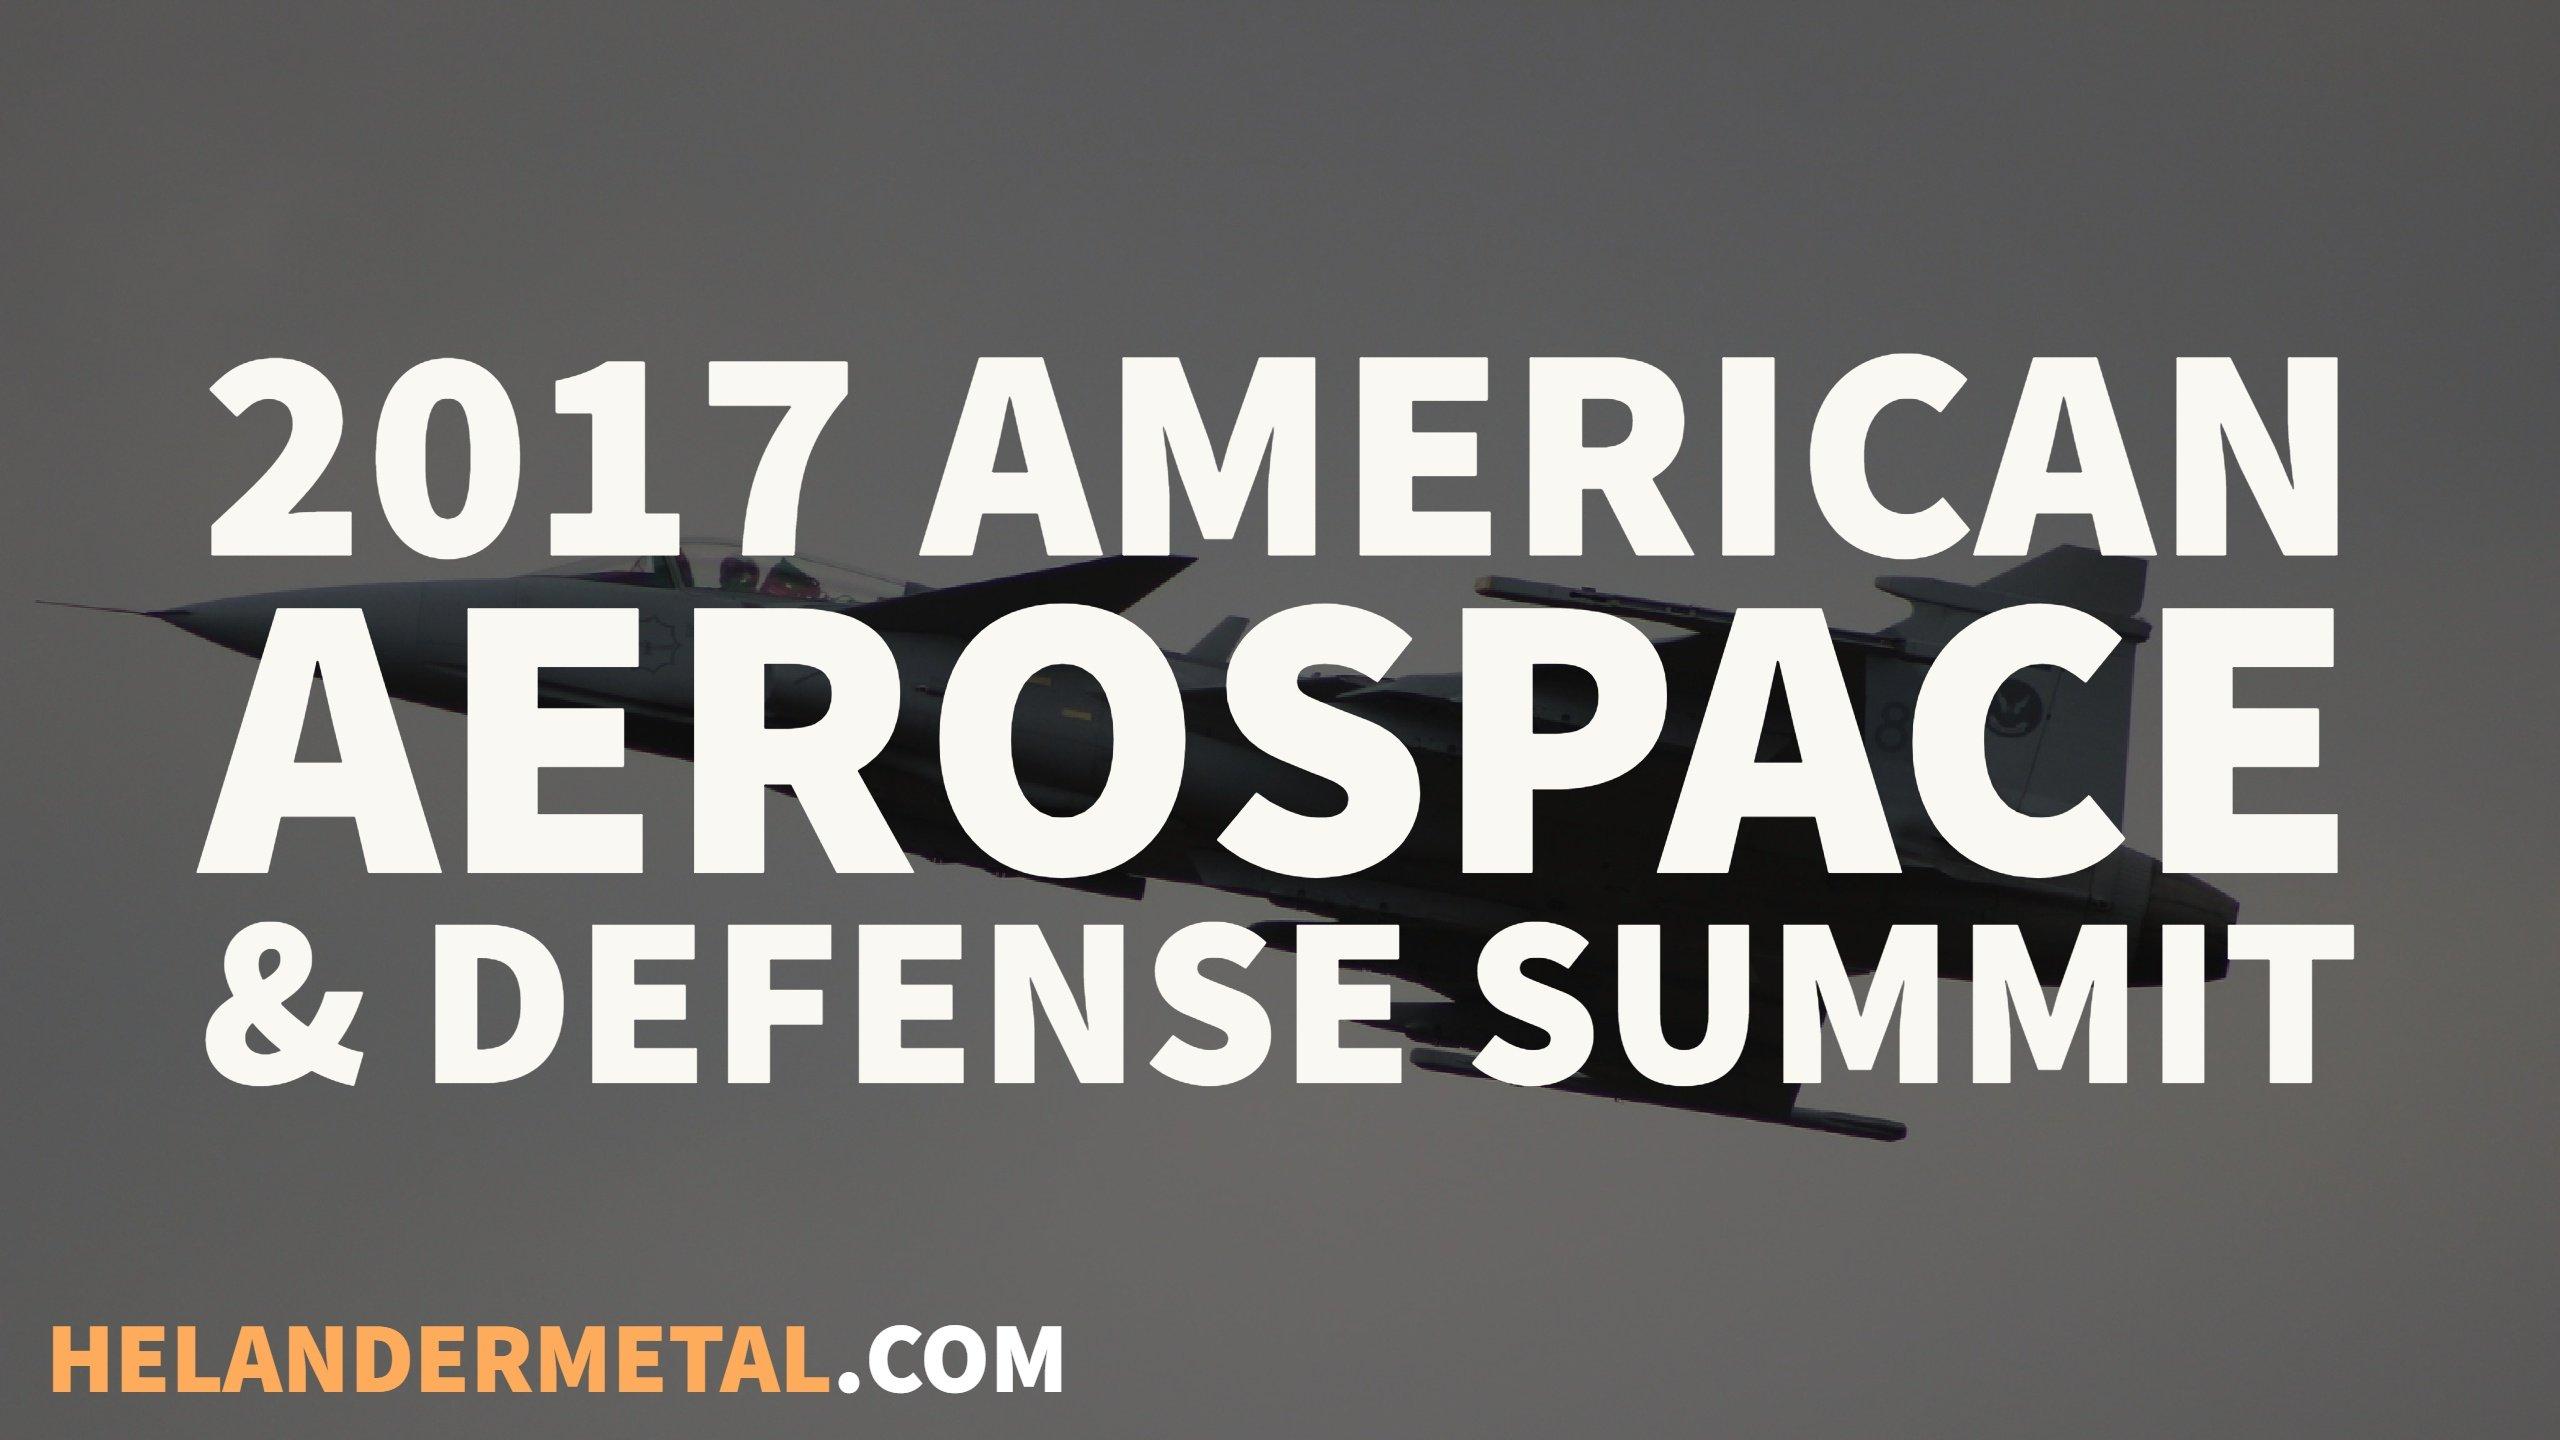 american aerospace and defense summit helander